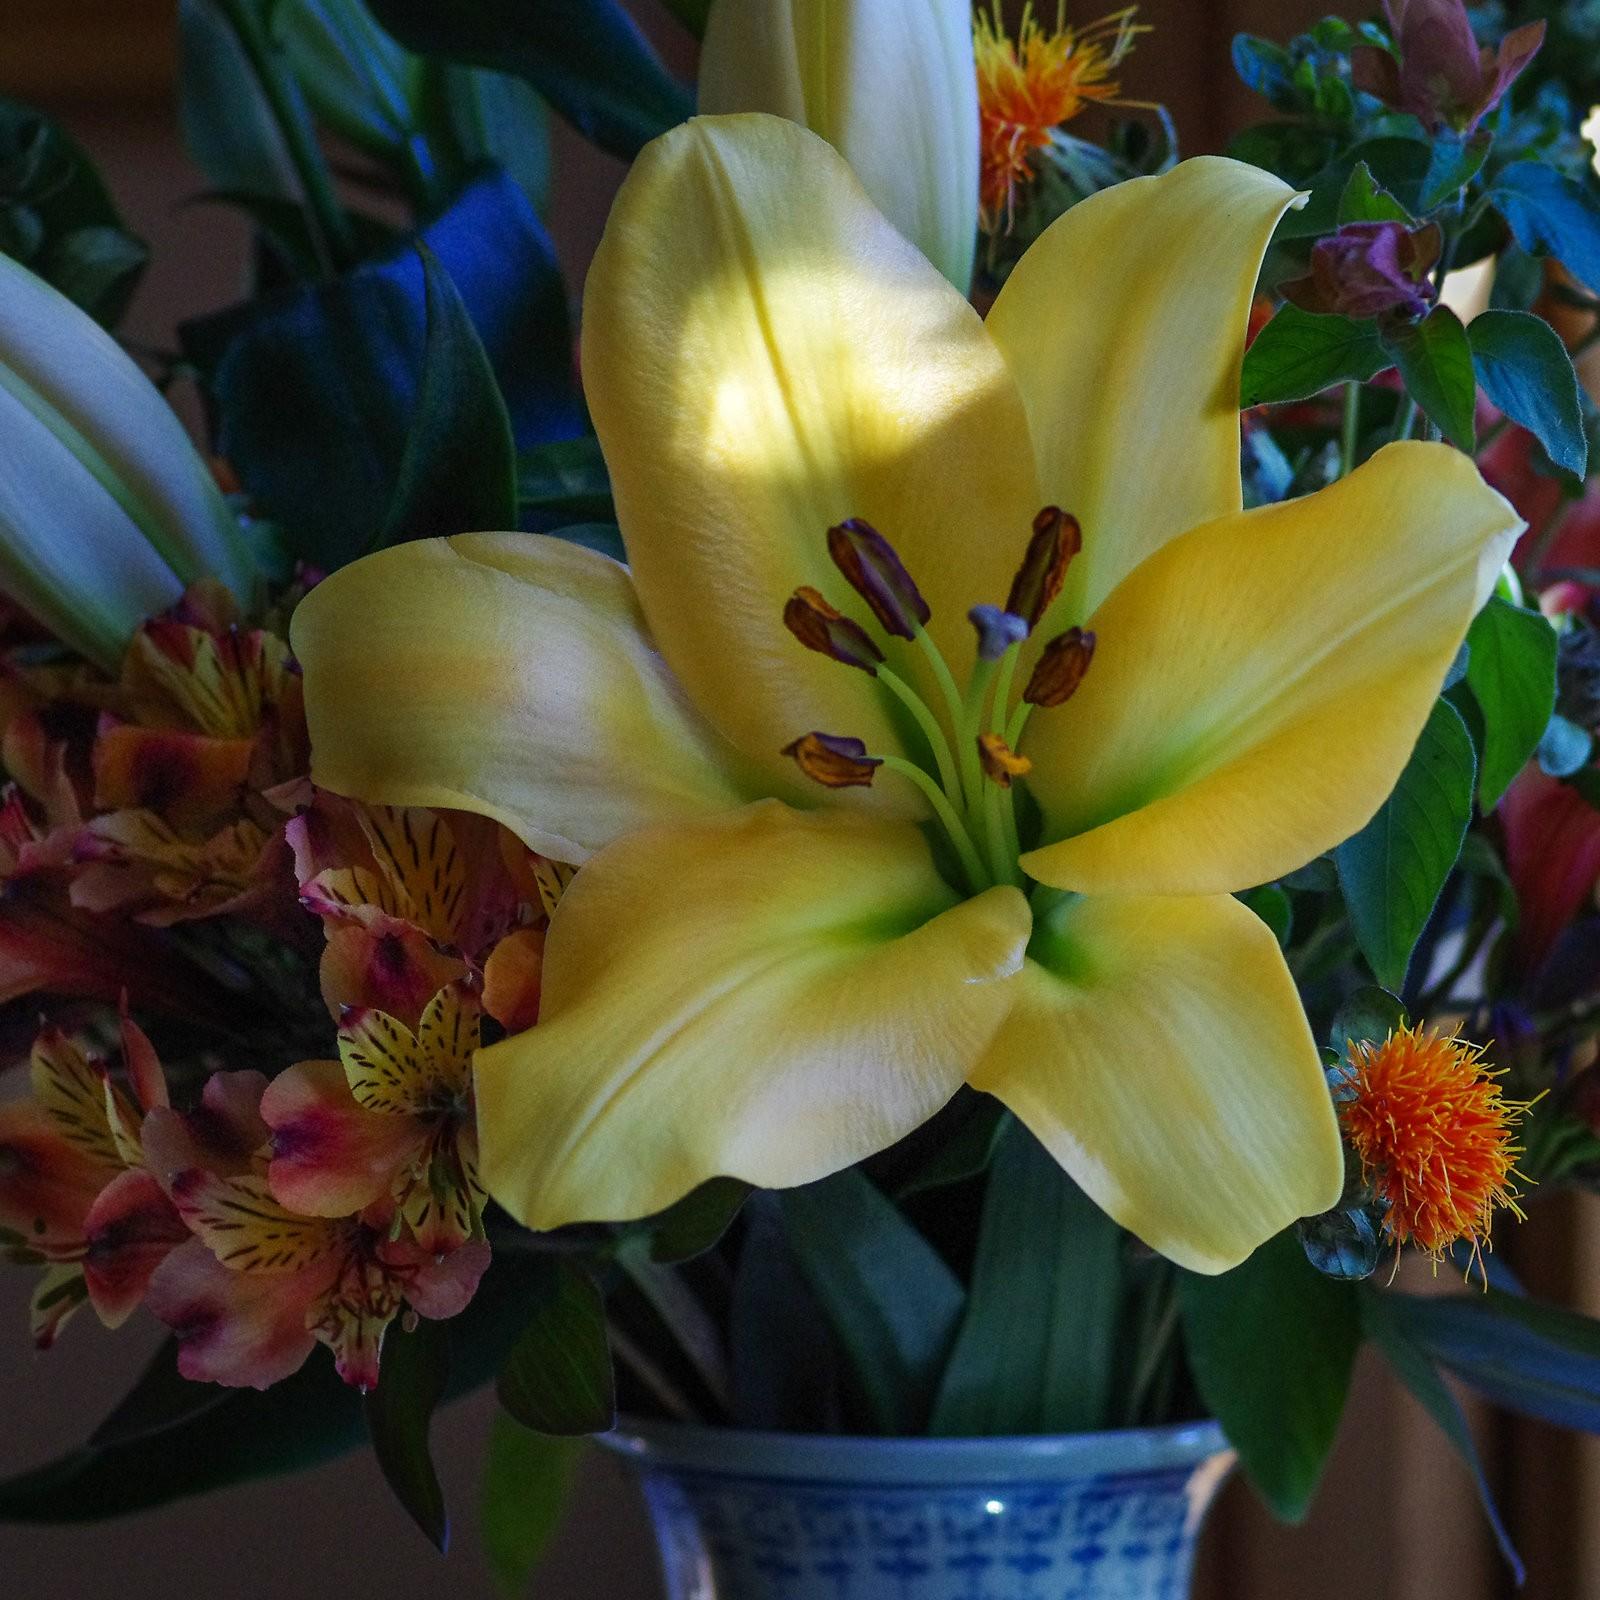 lunch_bouquet_Pentxk5iis_oct18_sq.jpg